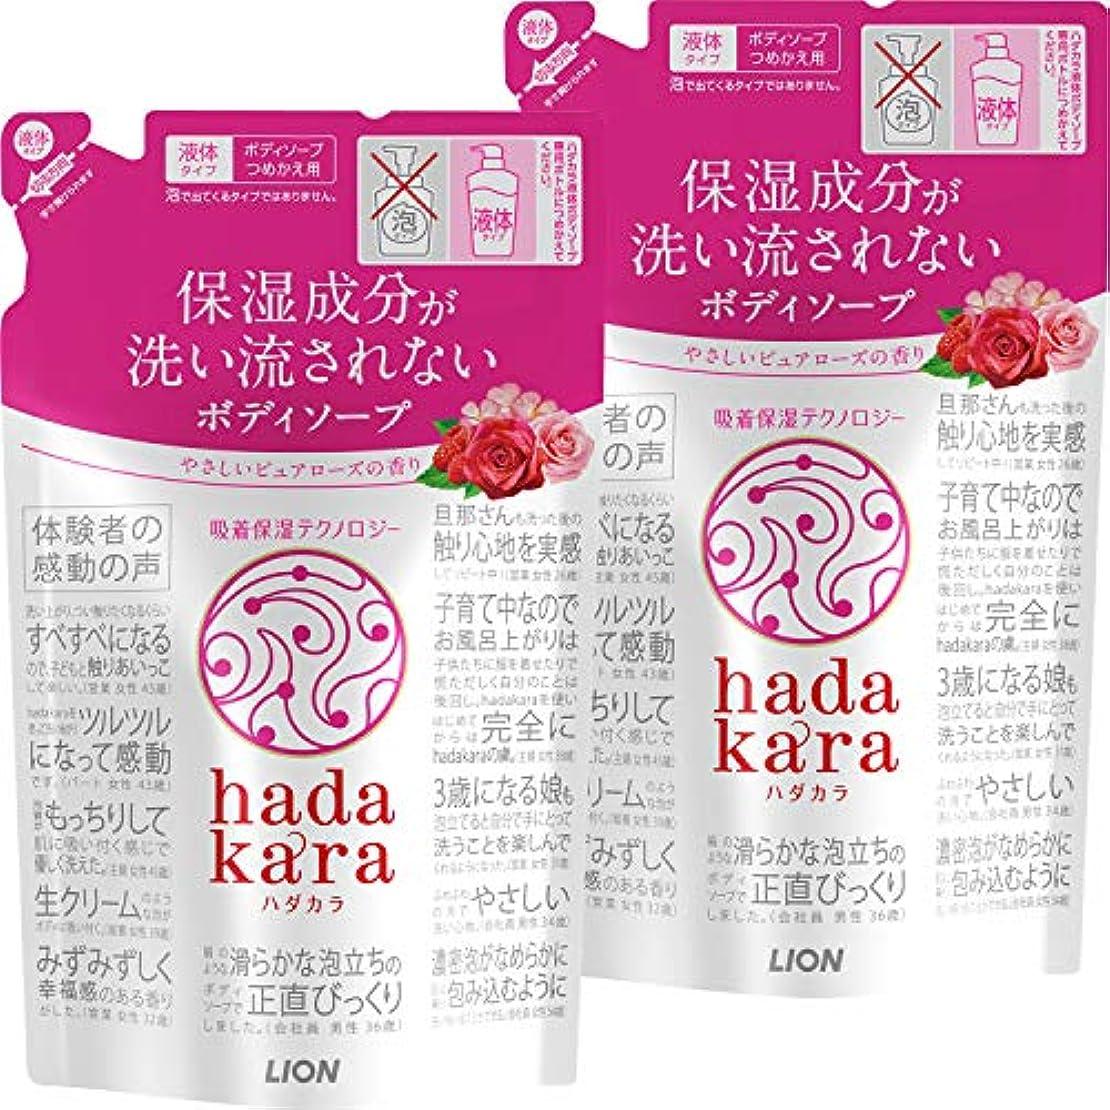 システム回転させるトーク【まとめ買い】hadakara(ハダカラ) ボディソープ ピュアローズの香り 詰め替え 360ml×2個パック